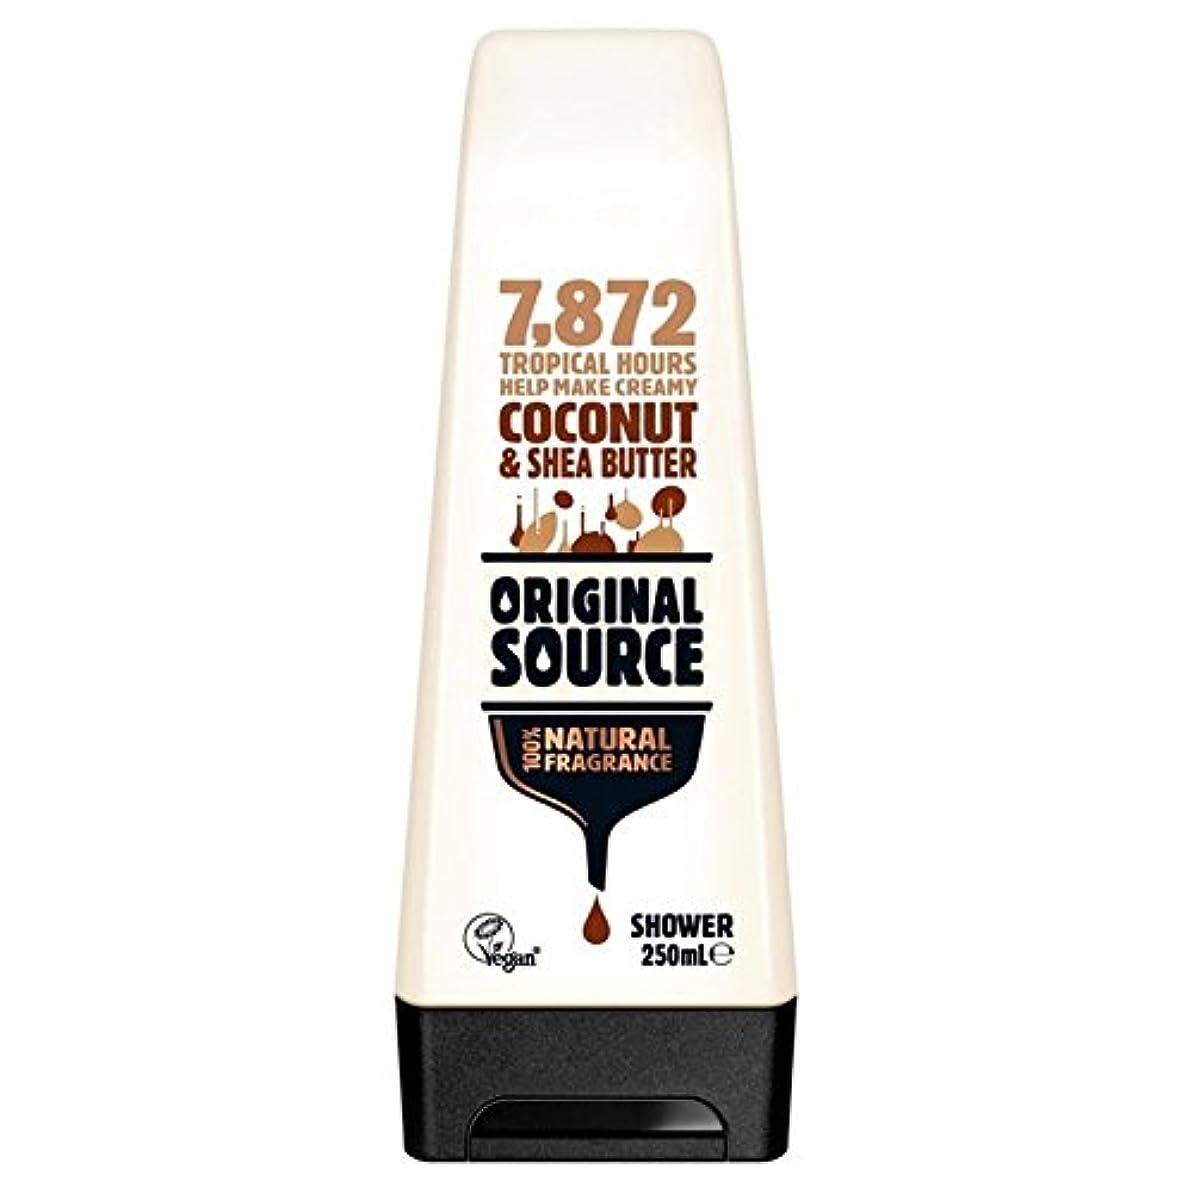 ロースト楕円形閲覧するOriginal Source Moisturising Coconut & Shea Butter Shower Gel 250ml - 元のソース保湿ココナッツ&シアバターシャワージェル250ミリリットル [並行輸入品]